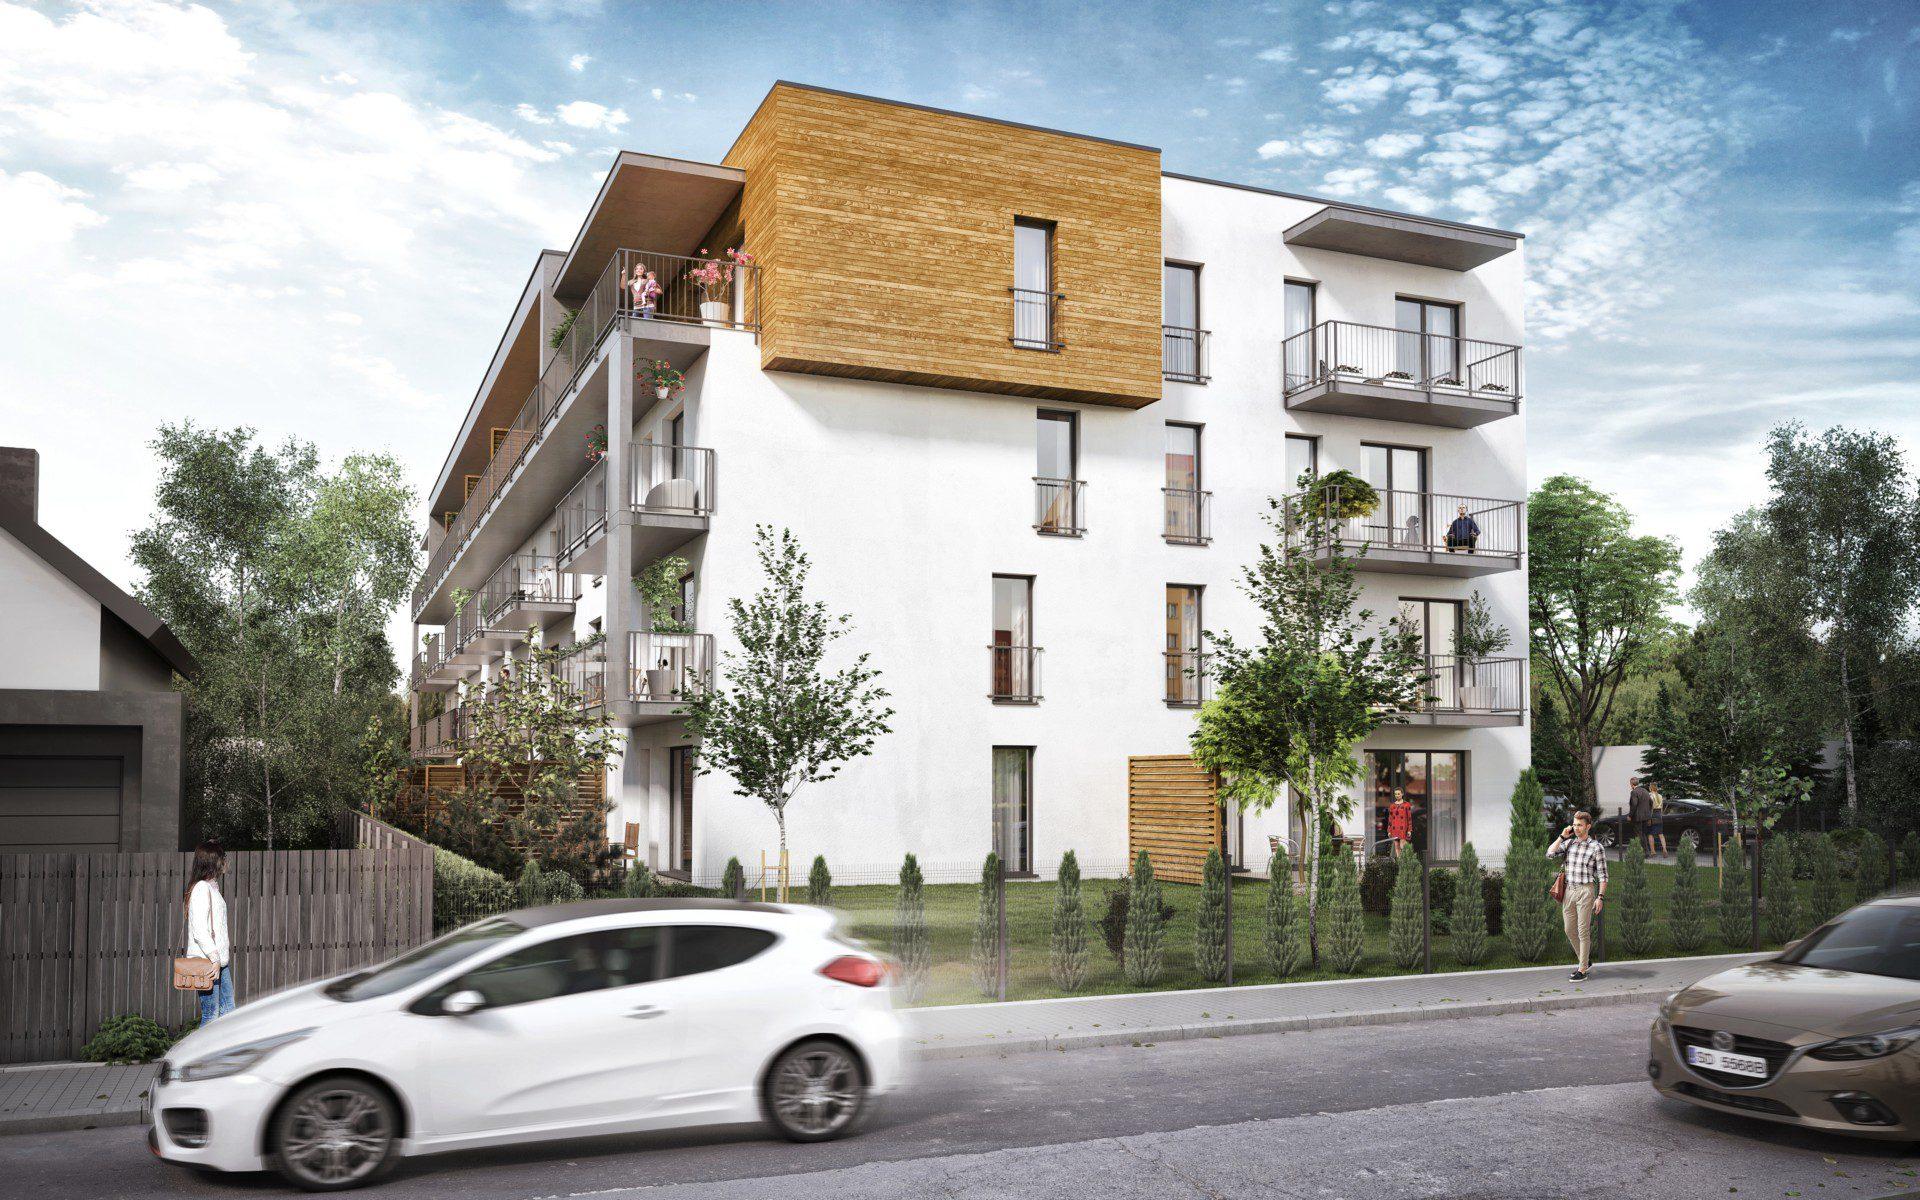 lok wielorodzinny mieszkalny Śląsk architektura wizualizacja